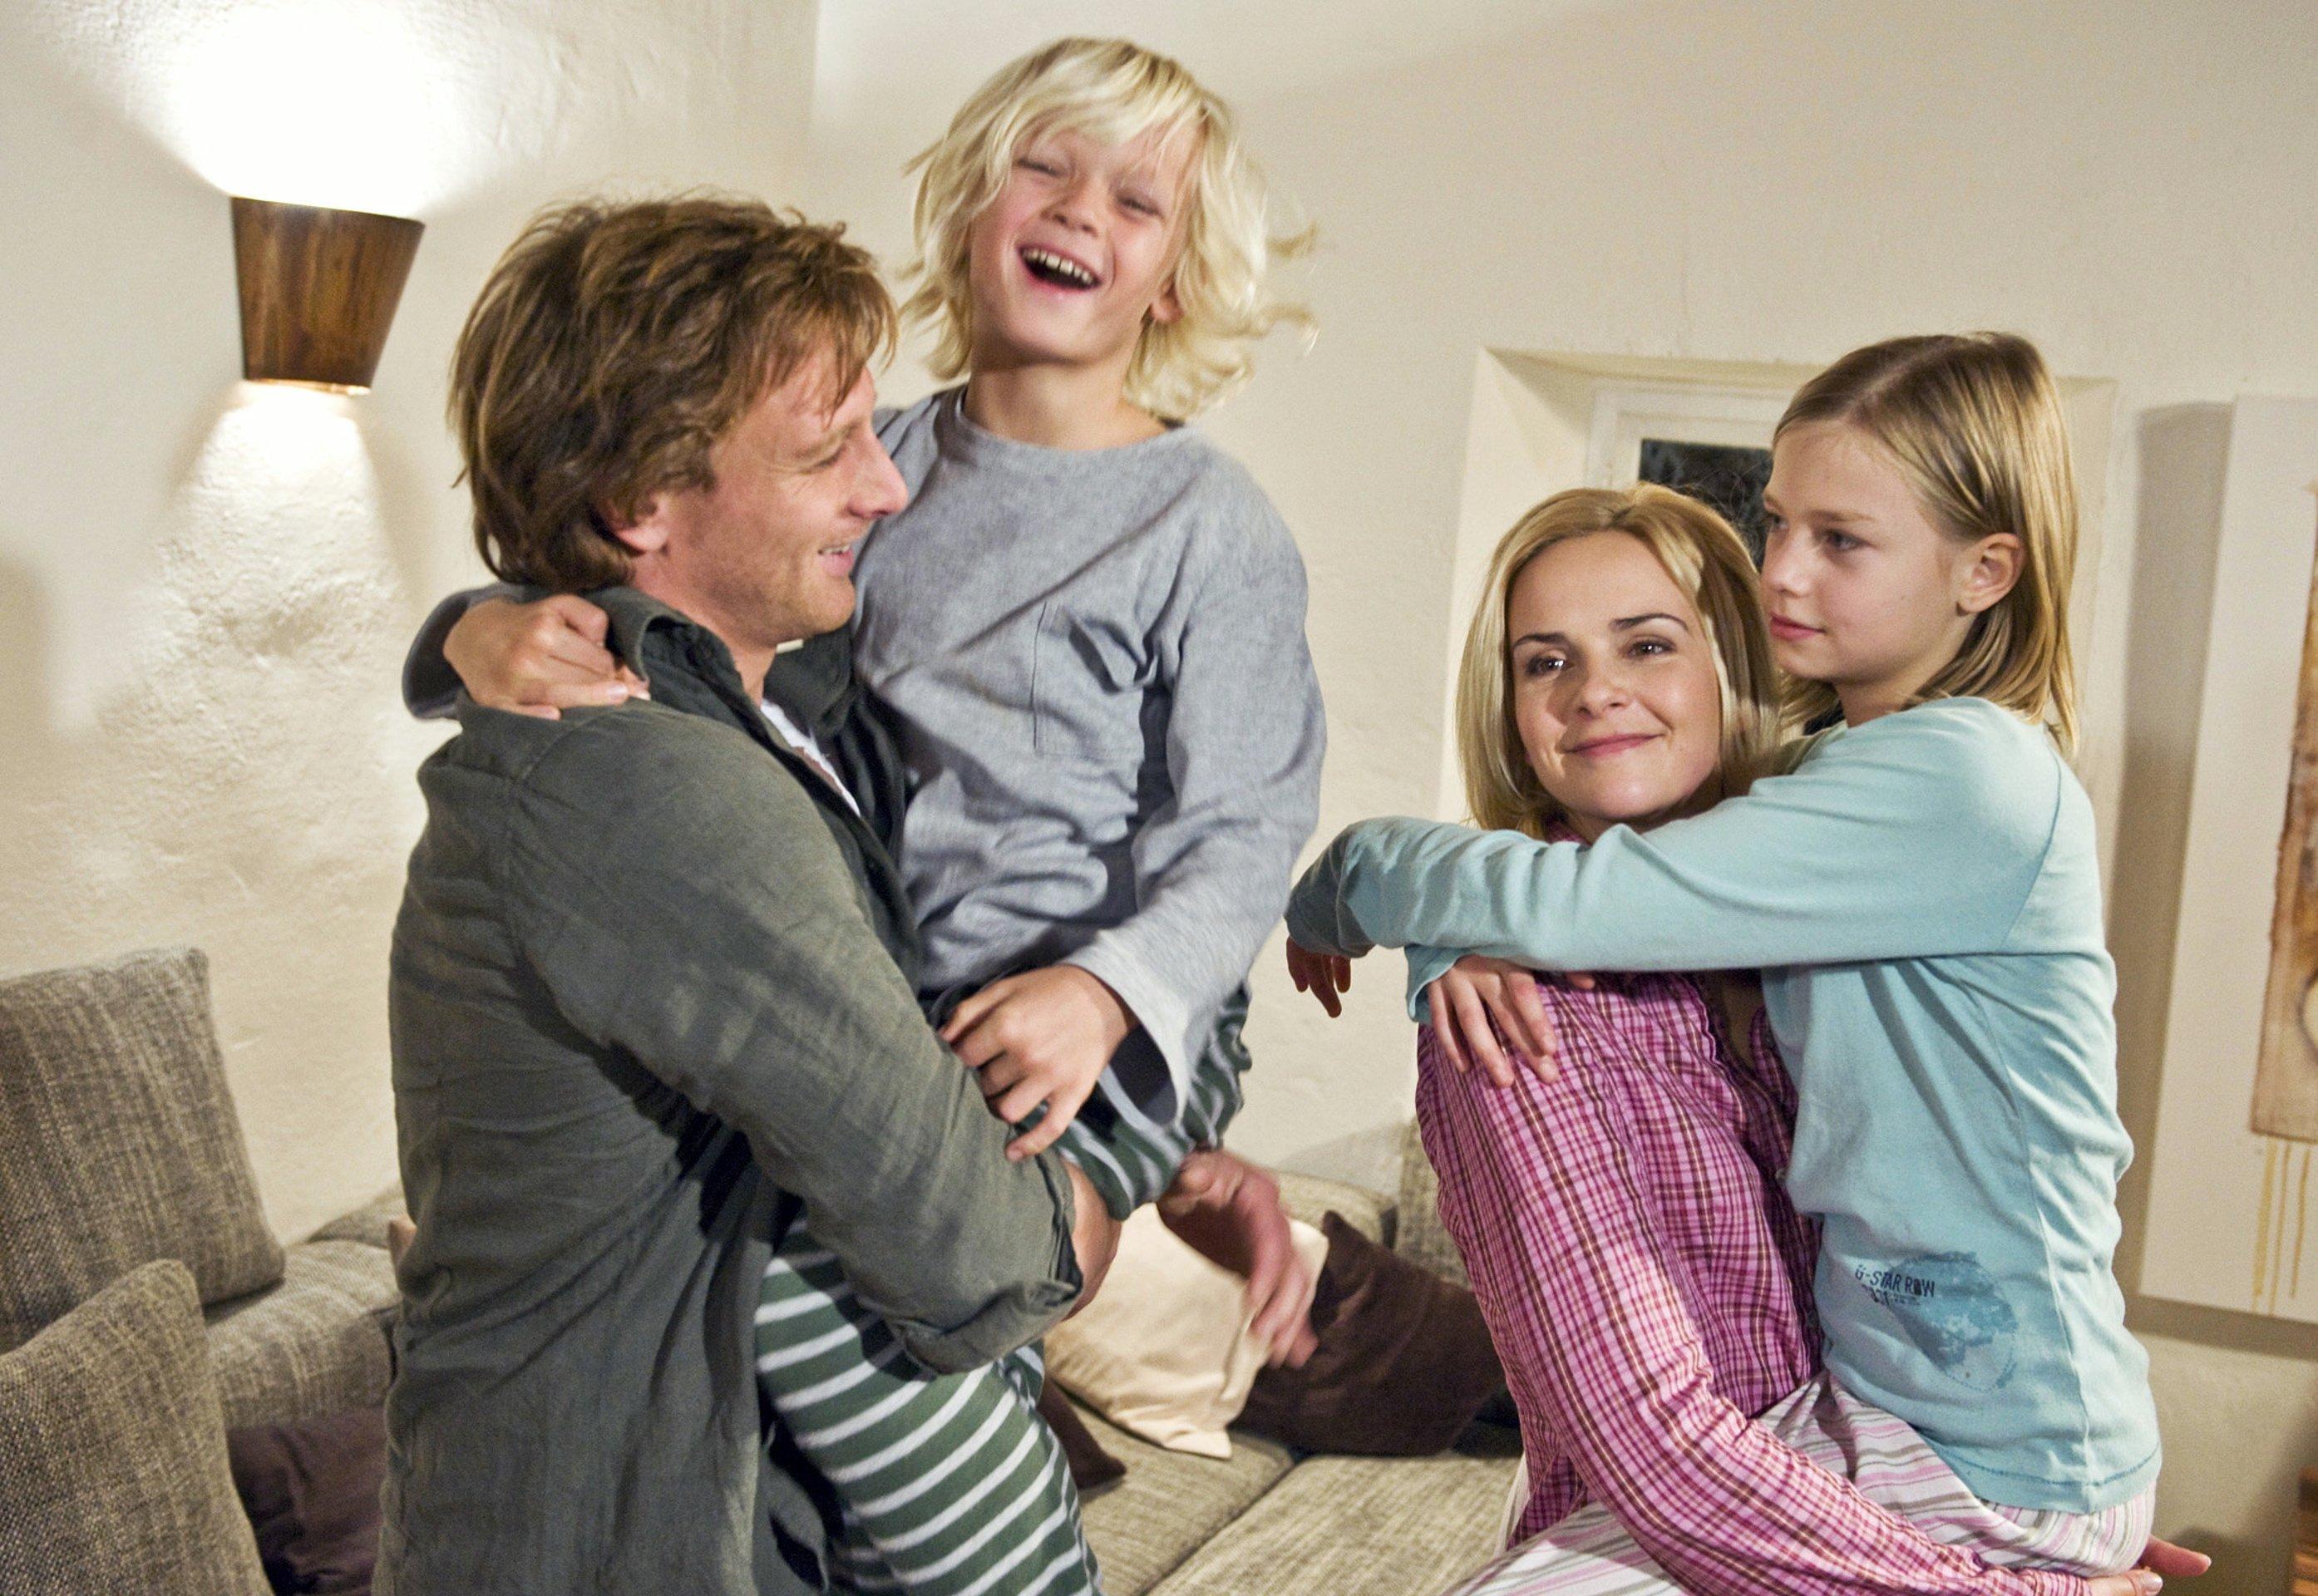 Nico liersch family - Geerbte Familie Die Ard Denise Zich Hendrik Duryn Hanna H Ppner